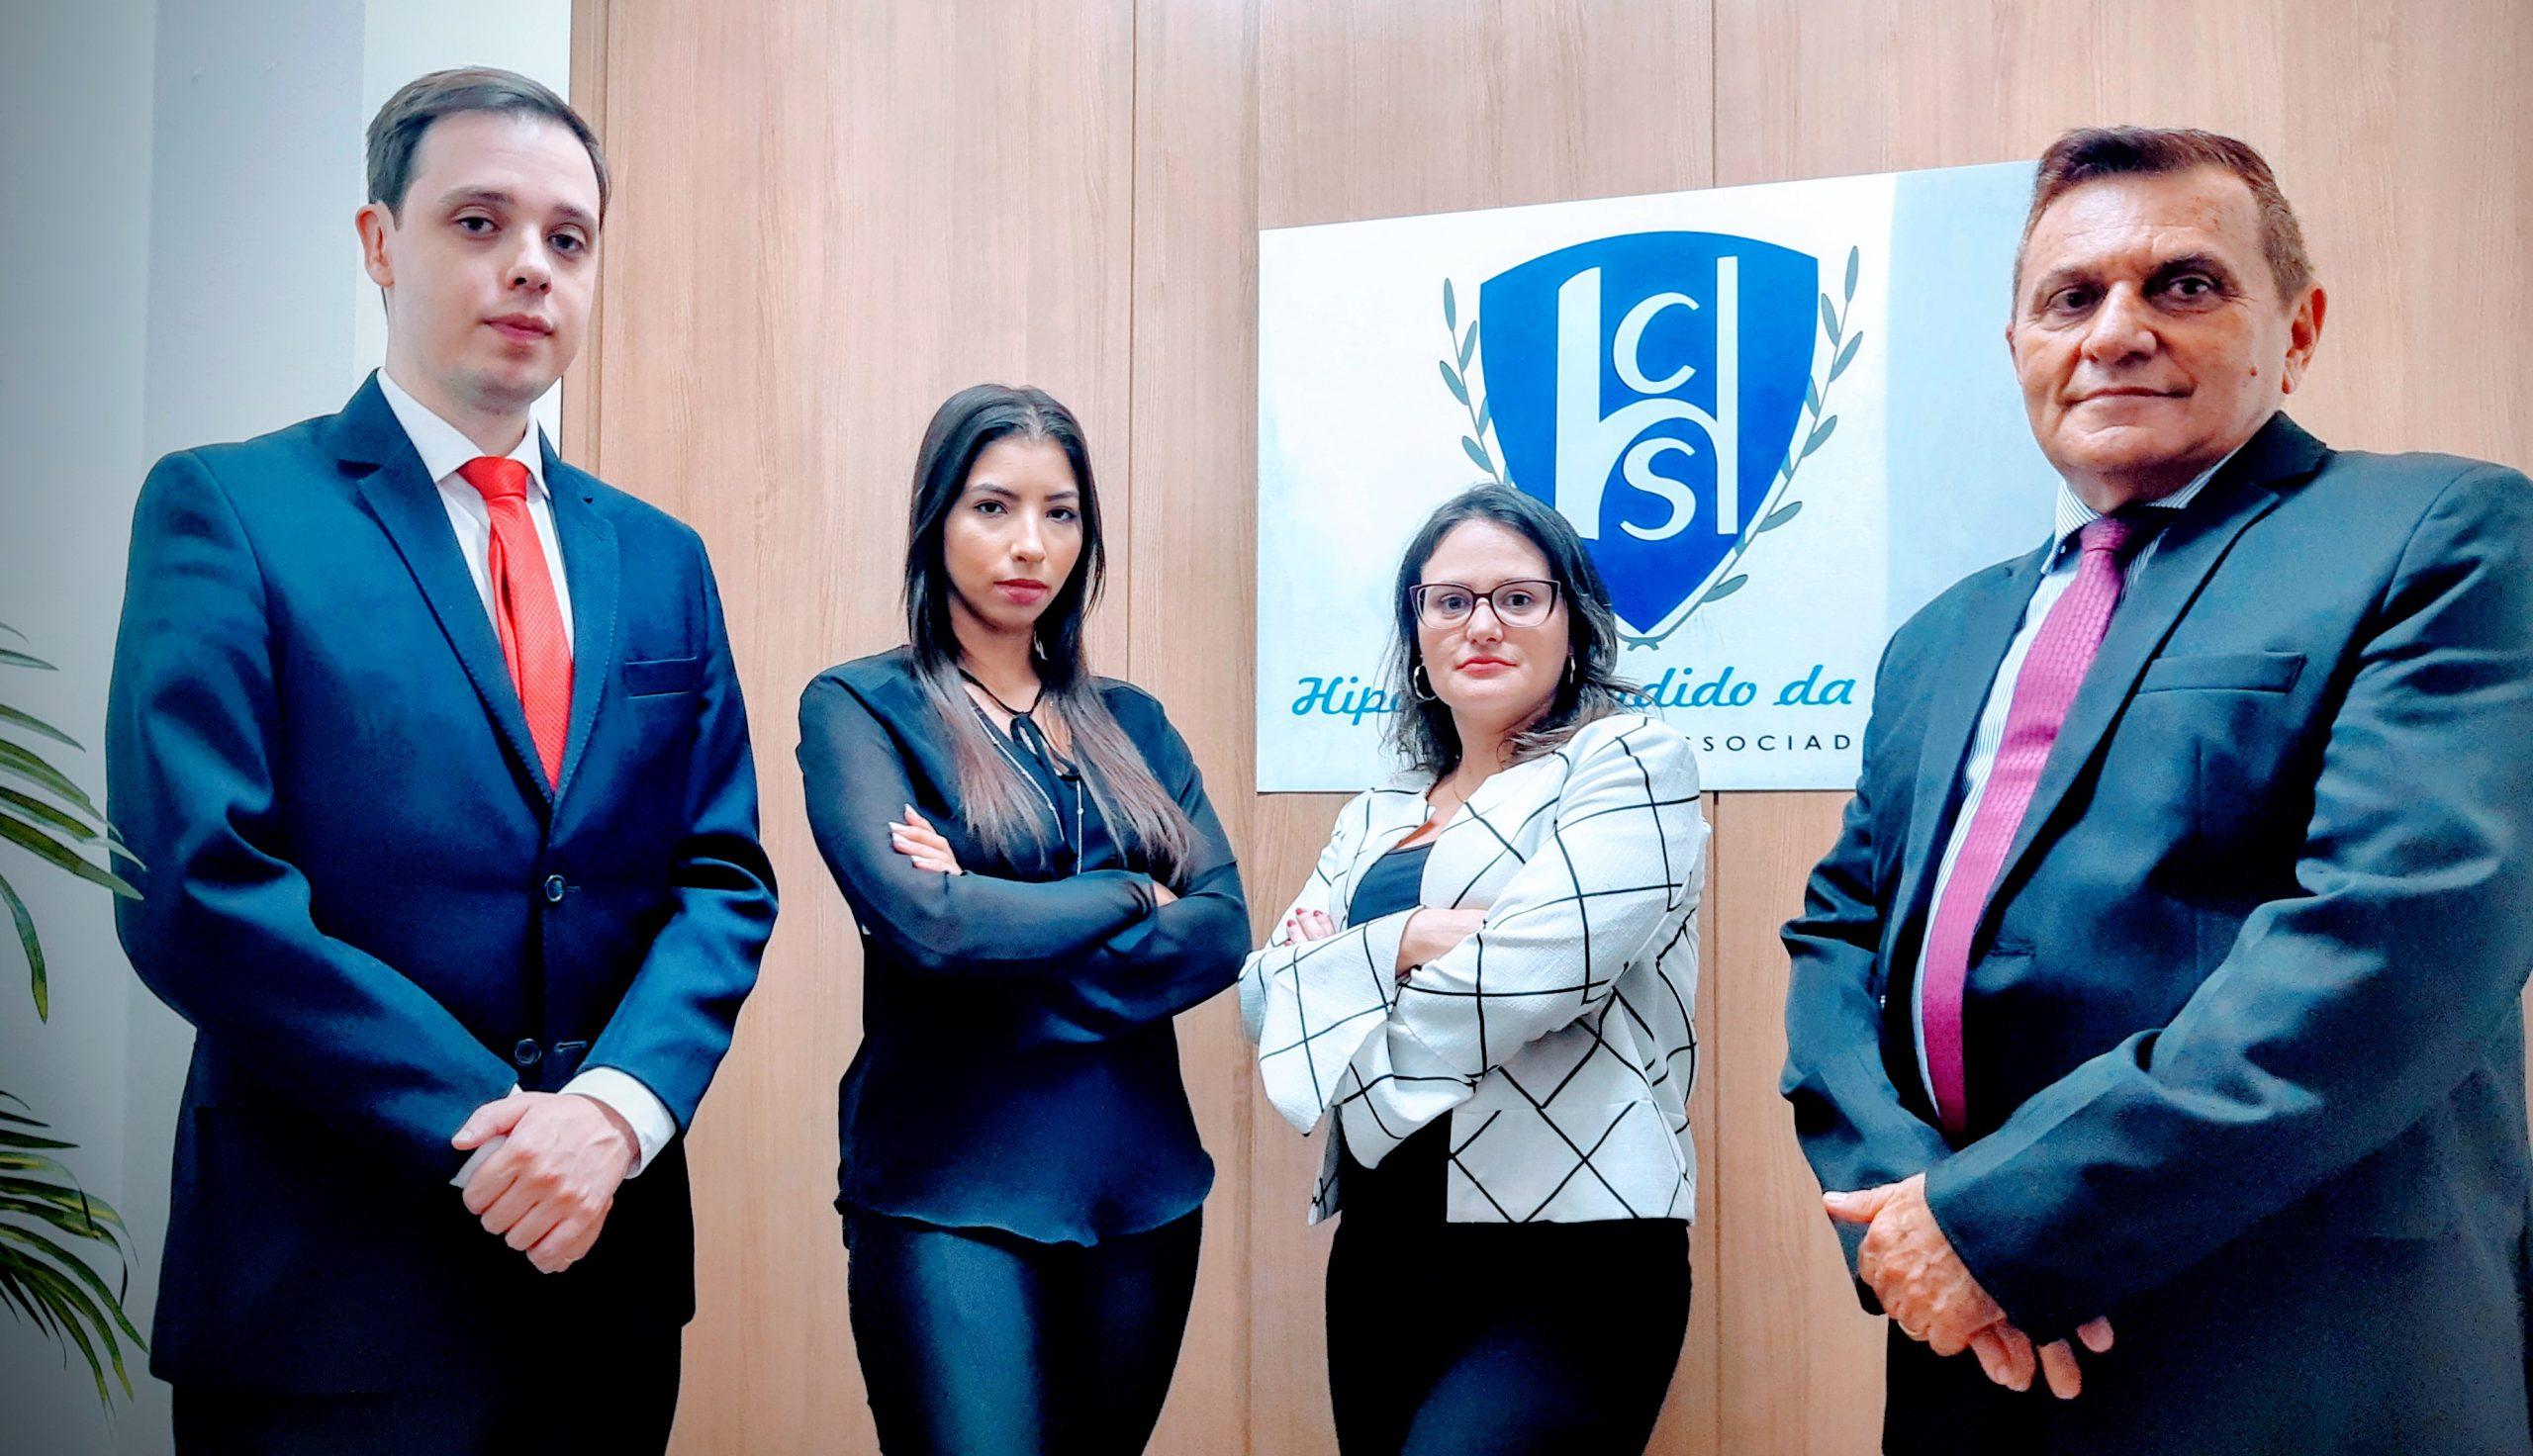 Hipólito Cândido da Silva e Advogados Associados